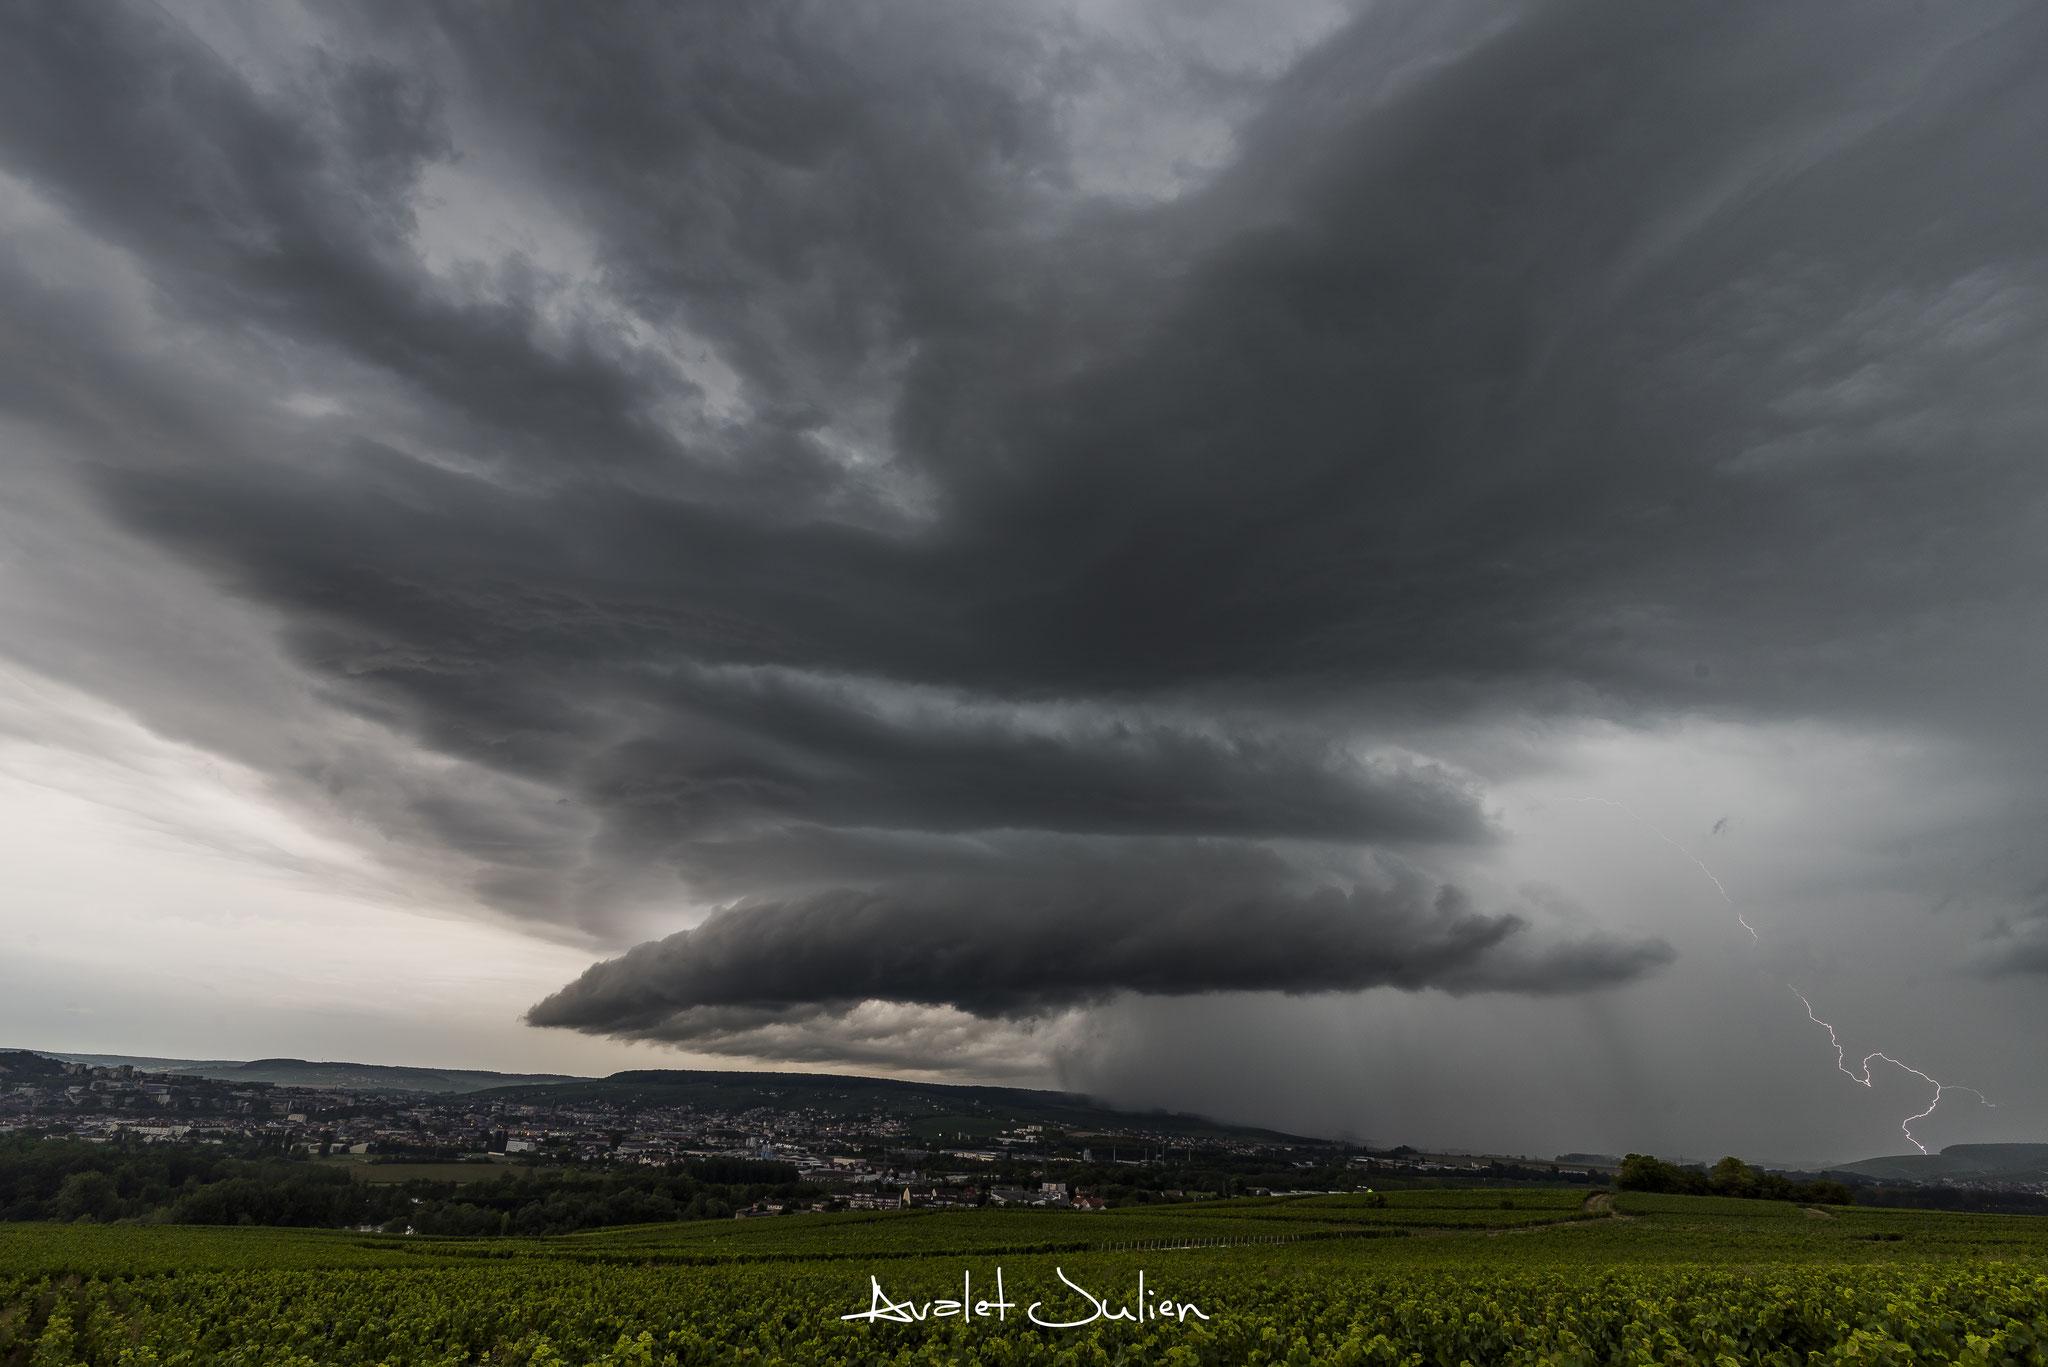 Ambiance supercellulaire et foudre en Vallée de Marne (51)en 2017